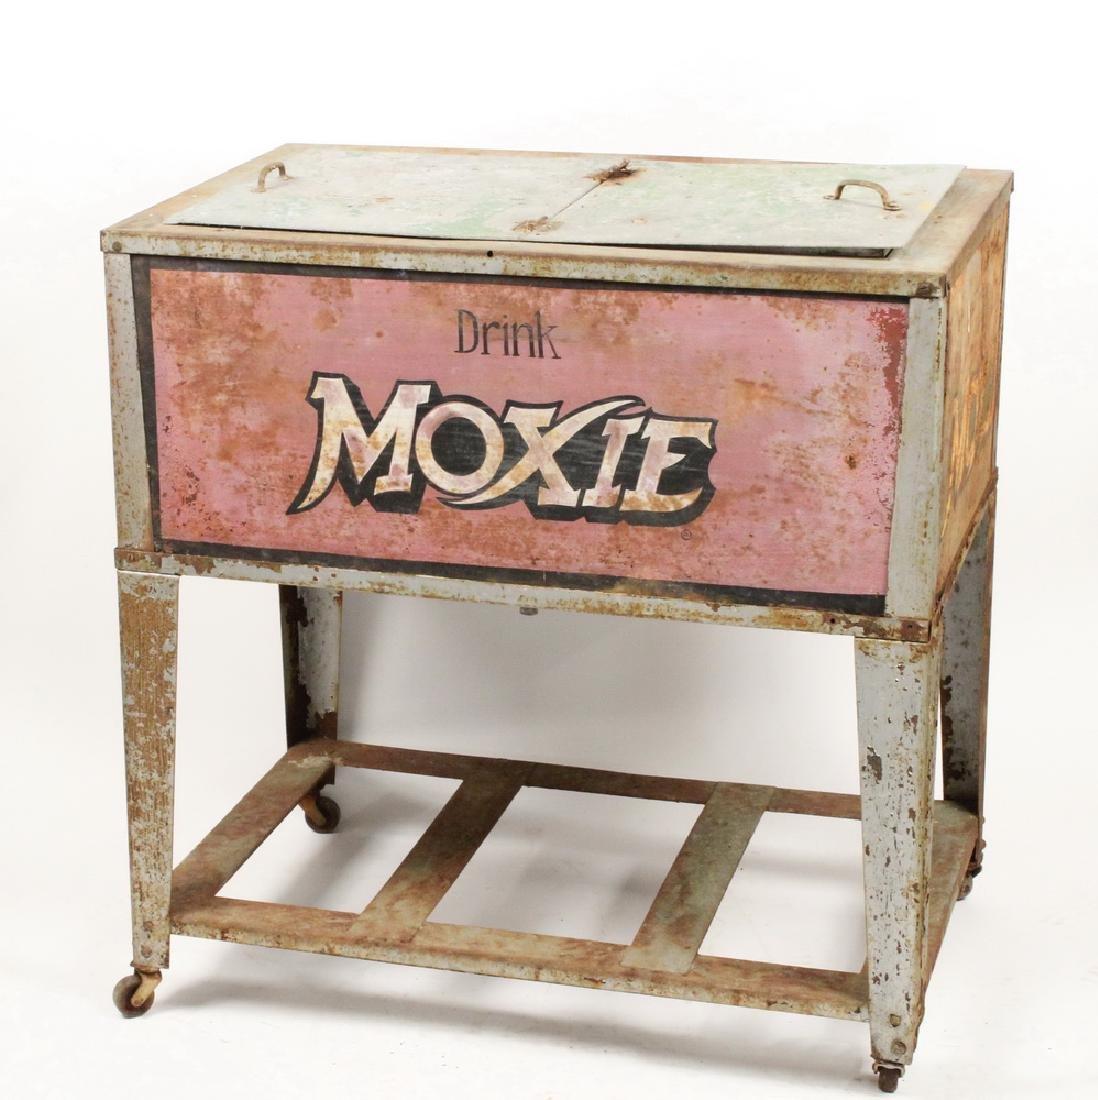 MOXIE SODA COOLER